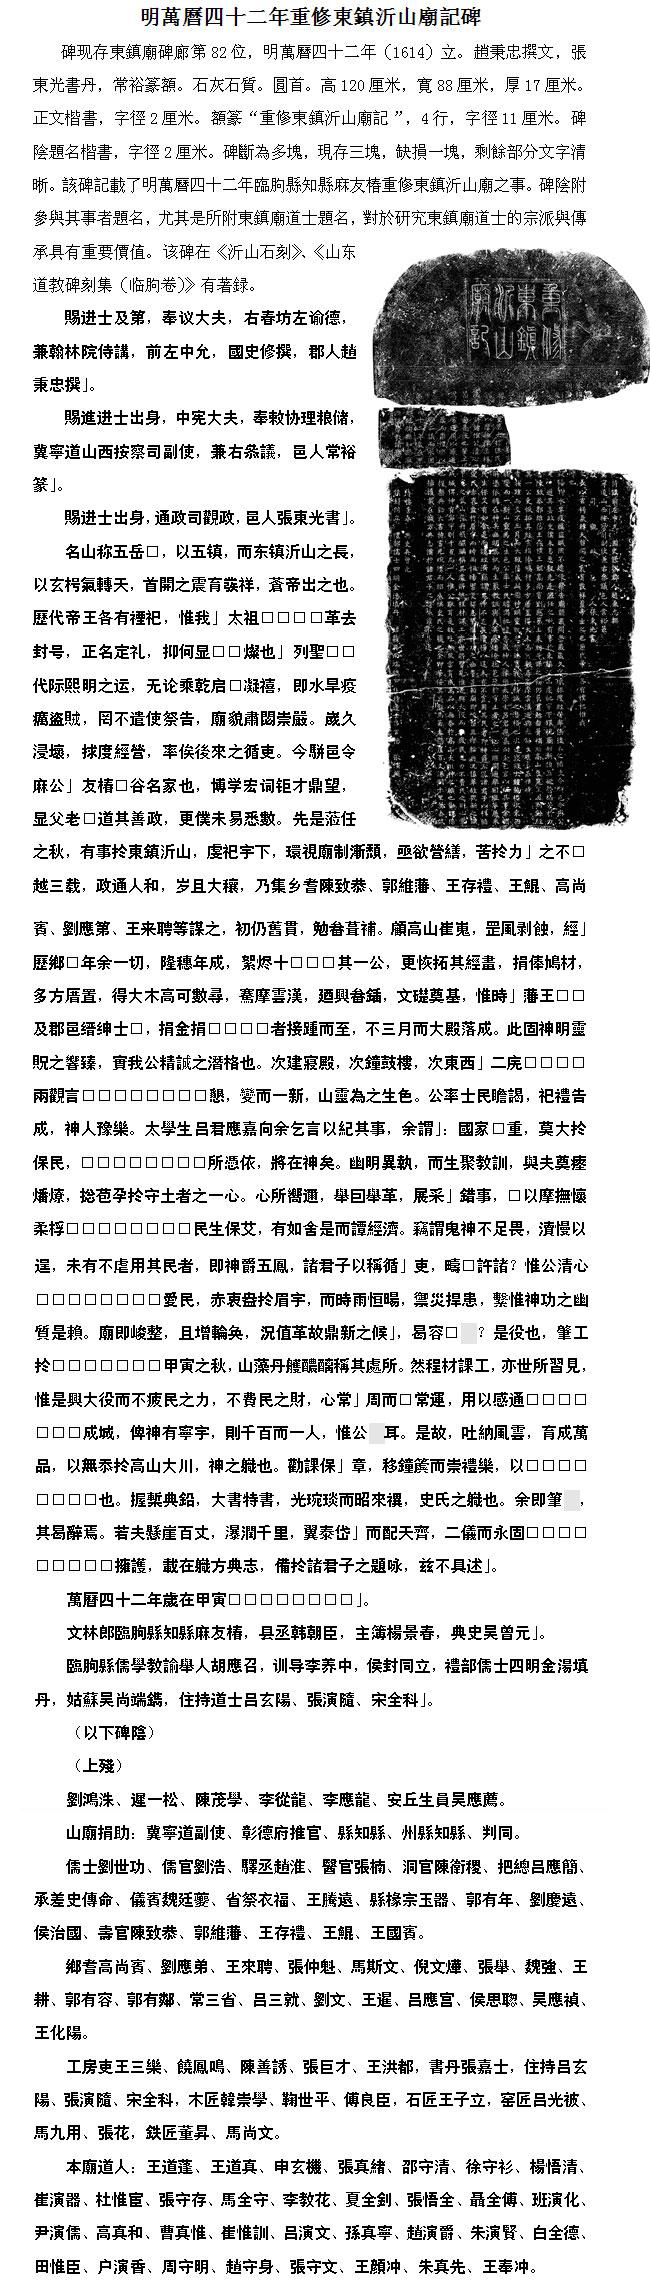 张东光与赵秉忠